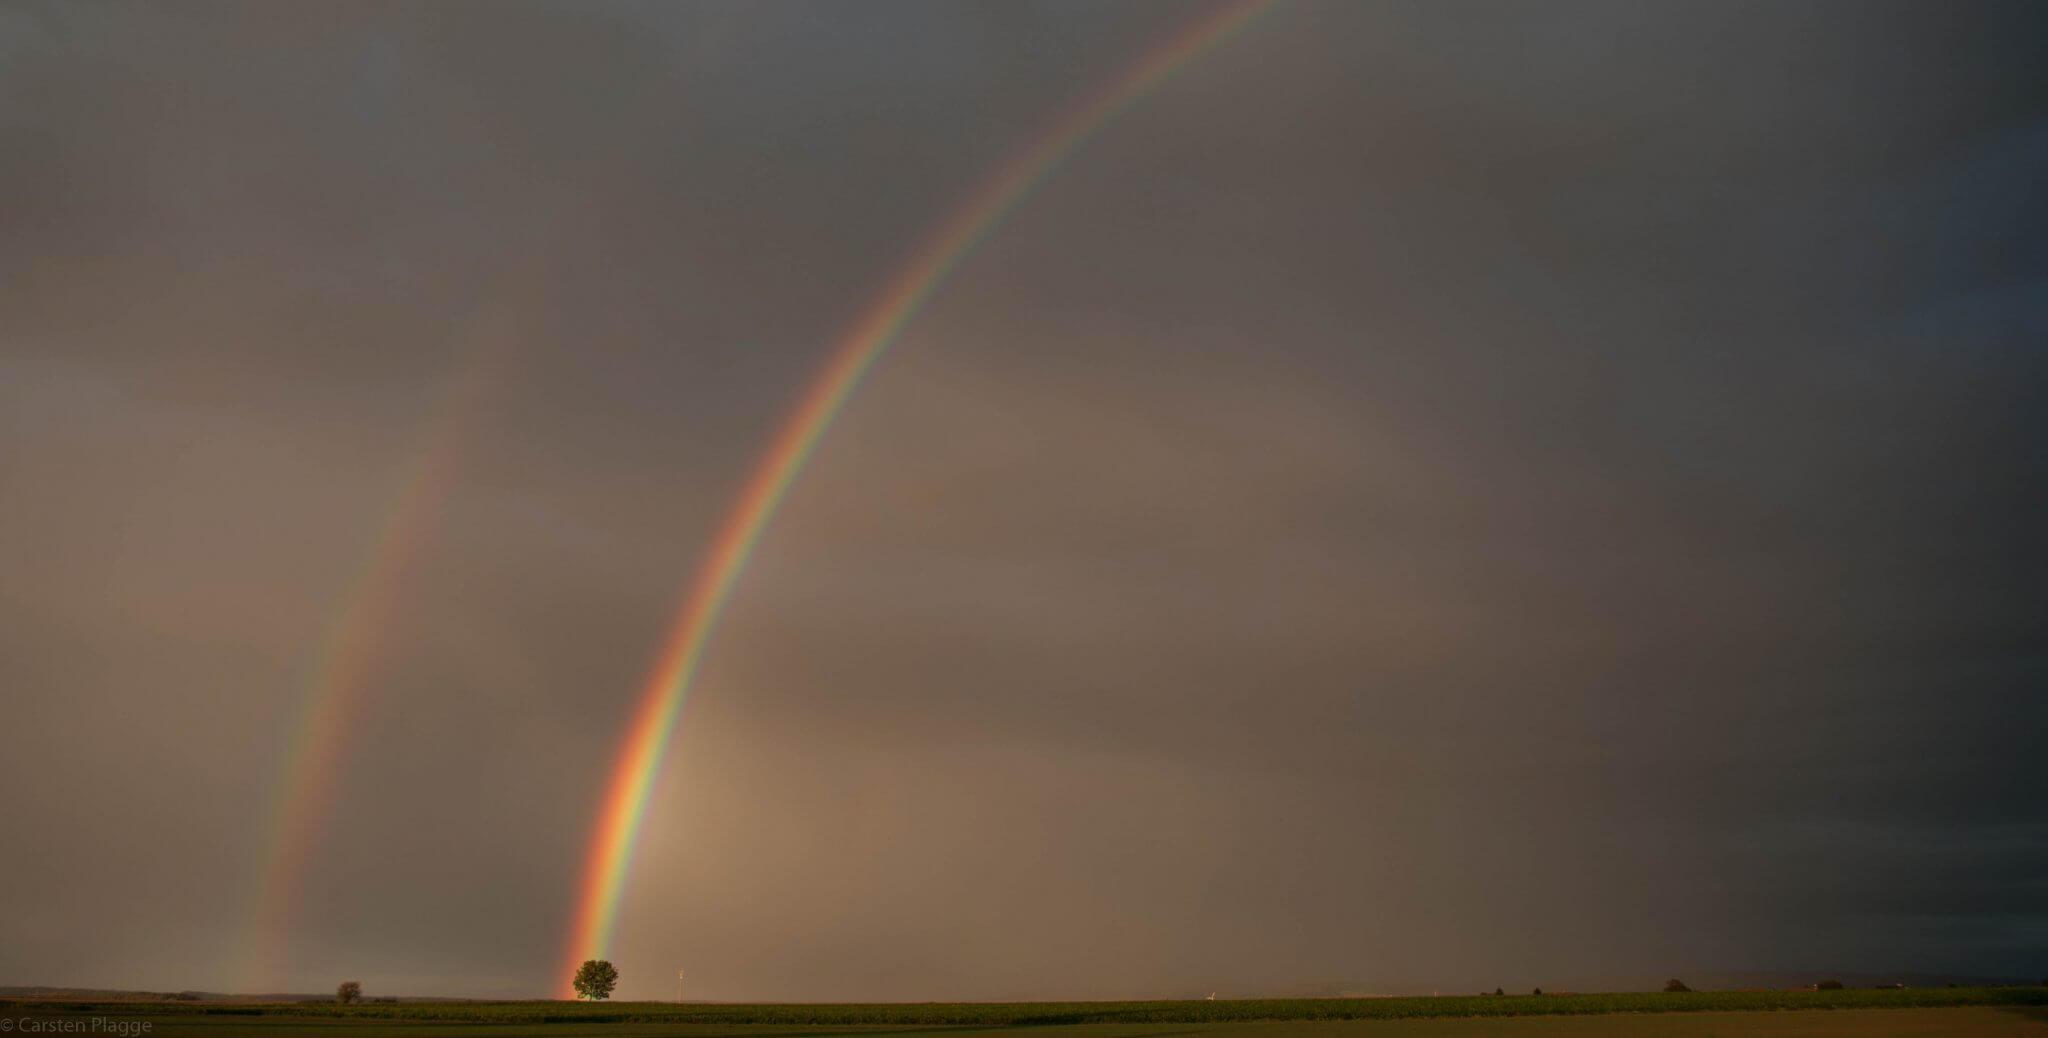 Regenbogen trifft Baum